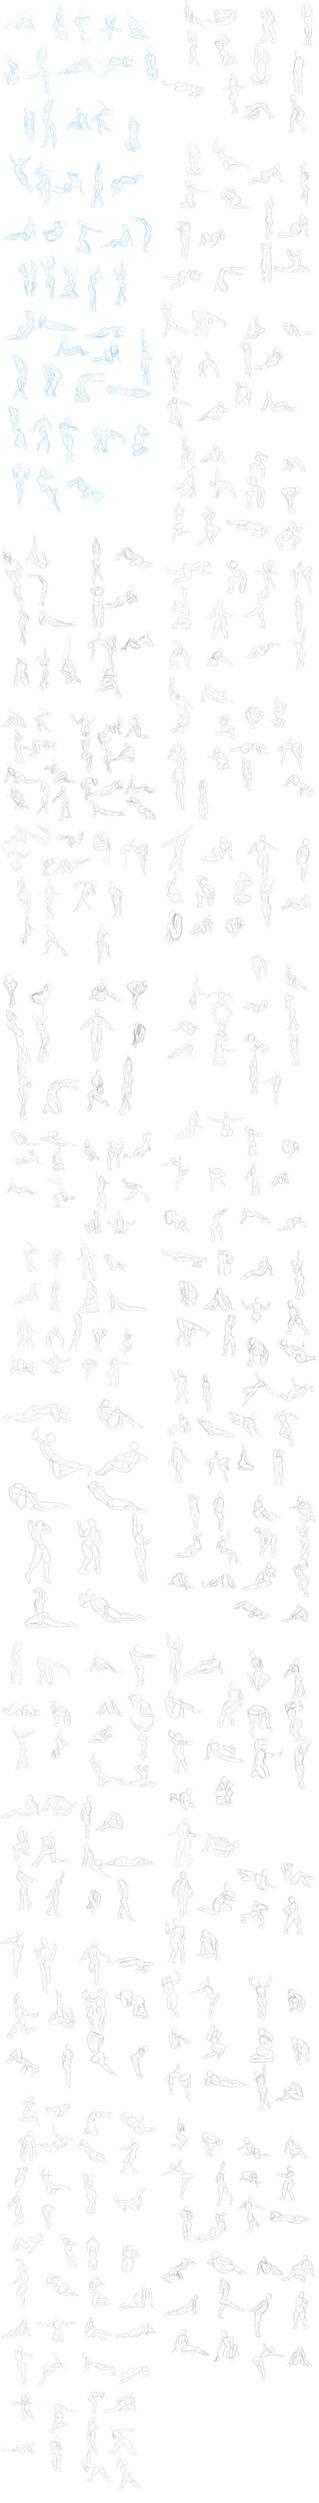 August 2018 sketchdump